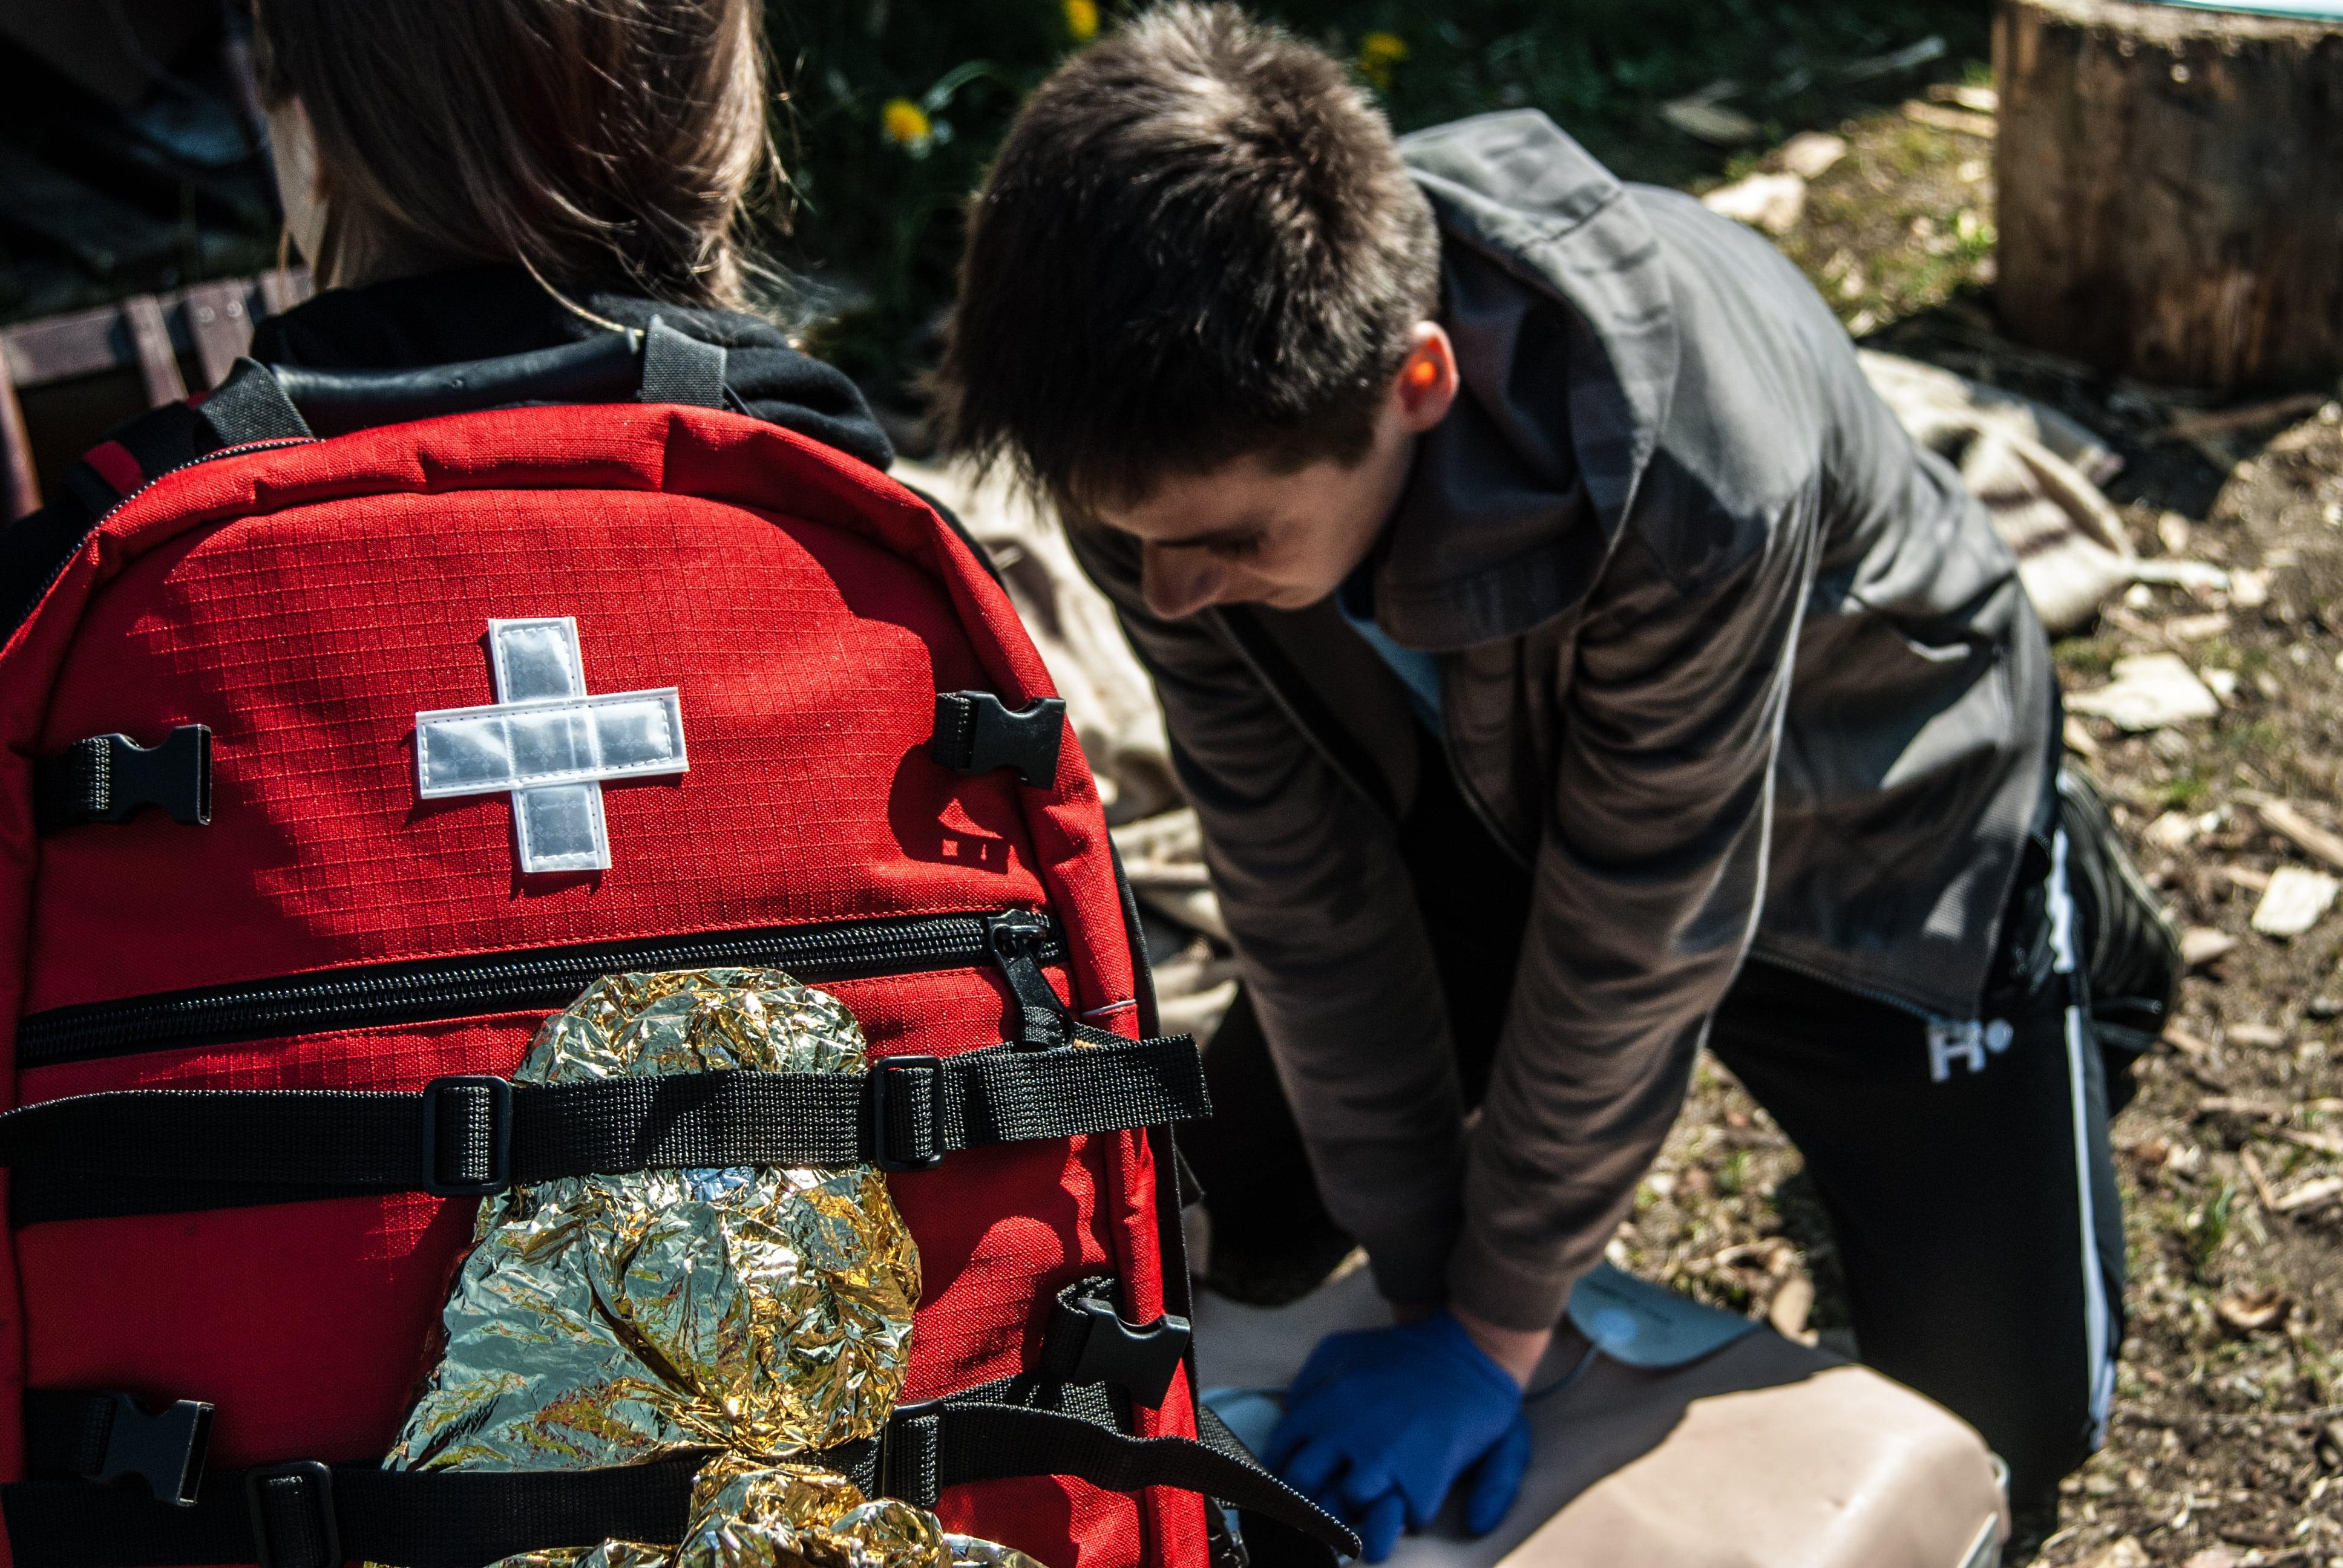 apteczka pierwszej pomocy, plecak medyczny, dzieci pierwsza pomoc class=